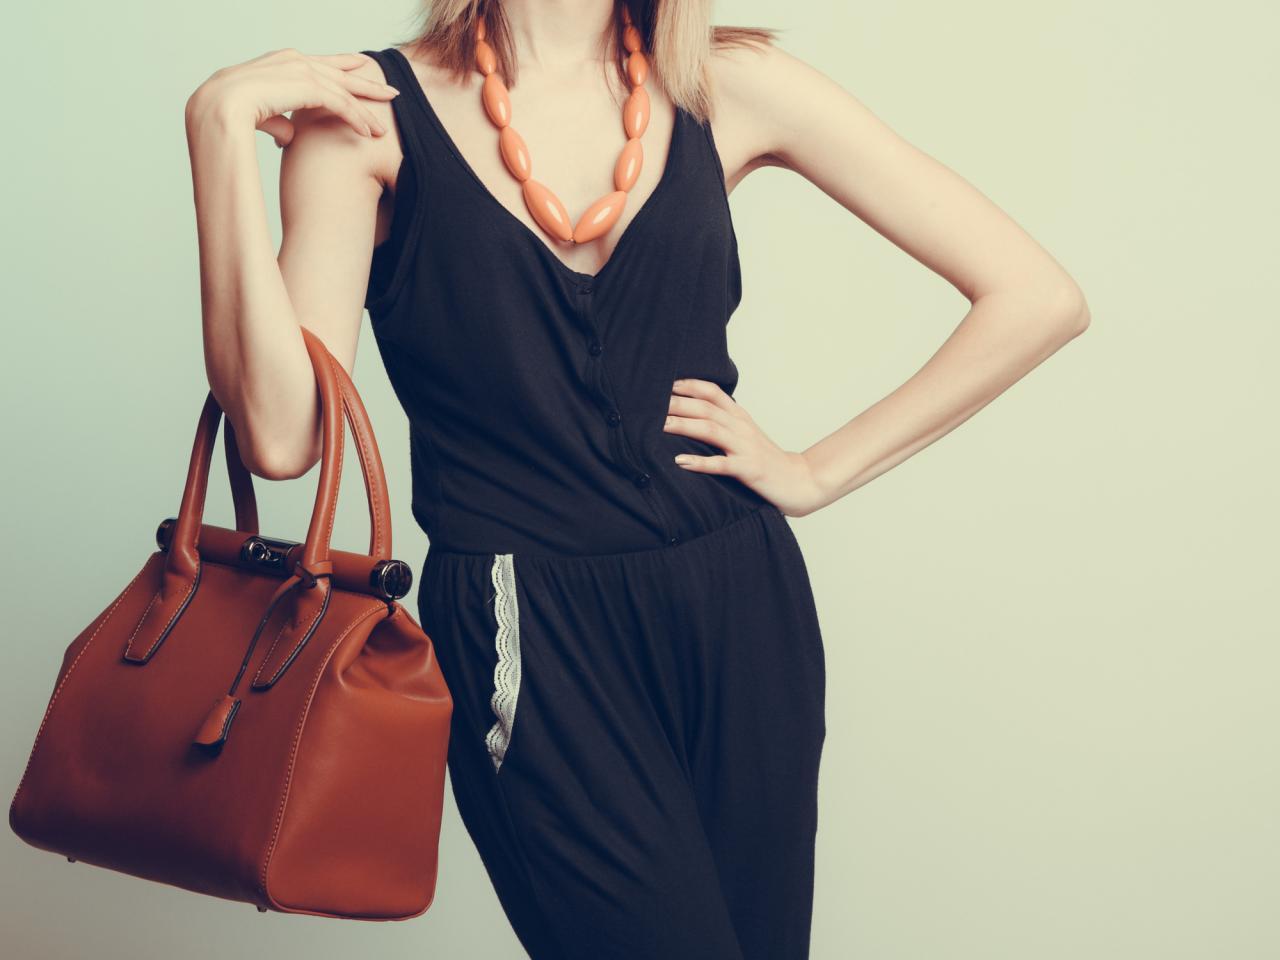 e6228f4a7c5d В Украине начали производить качественные женские сумки - Мода - Статьи